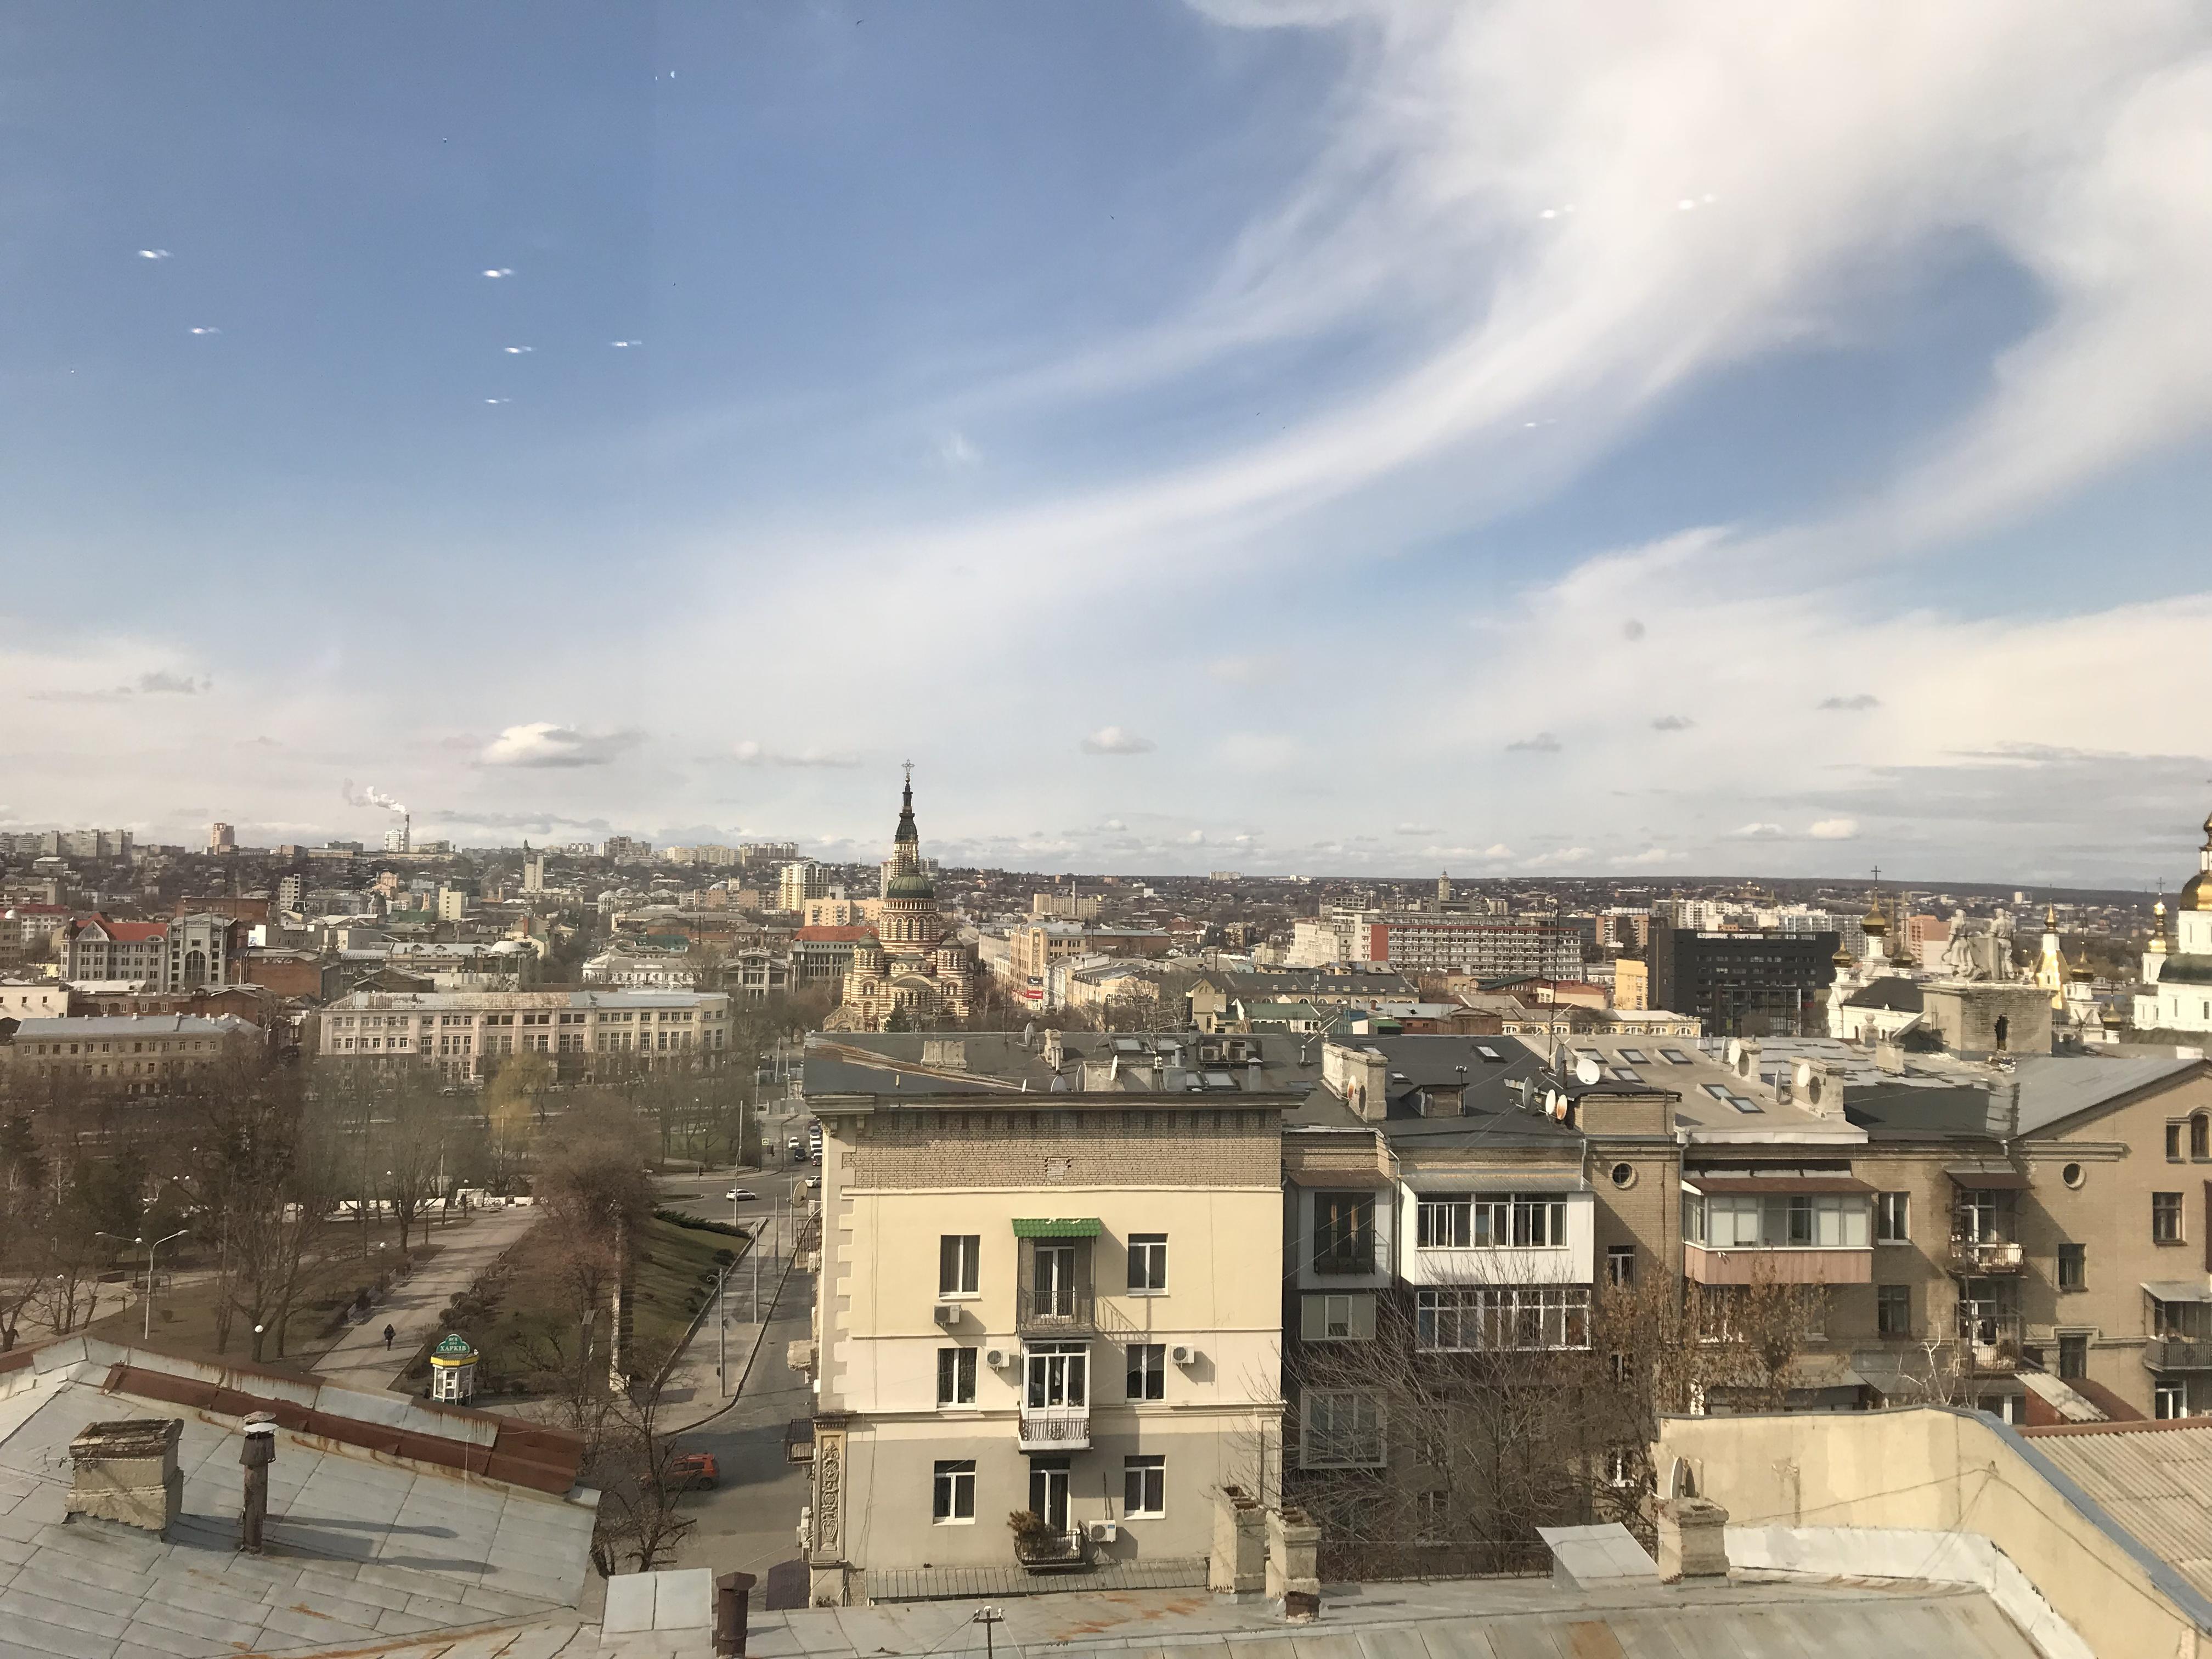 У вихідні в Харкові - до 18 градусів тепла і без опадів